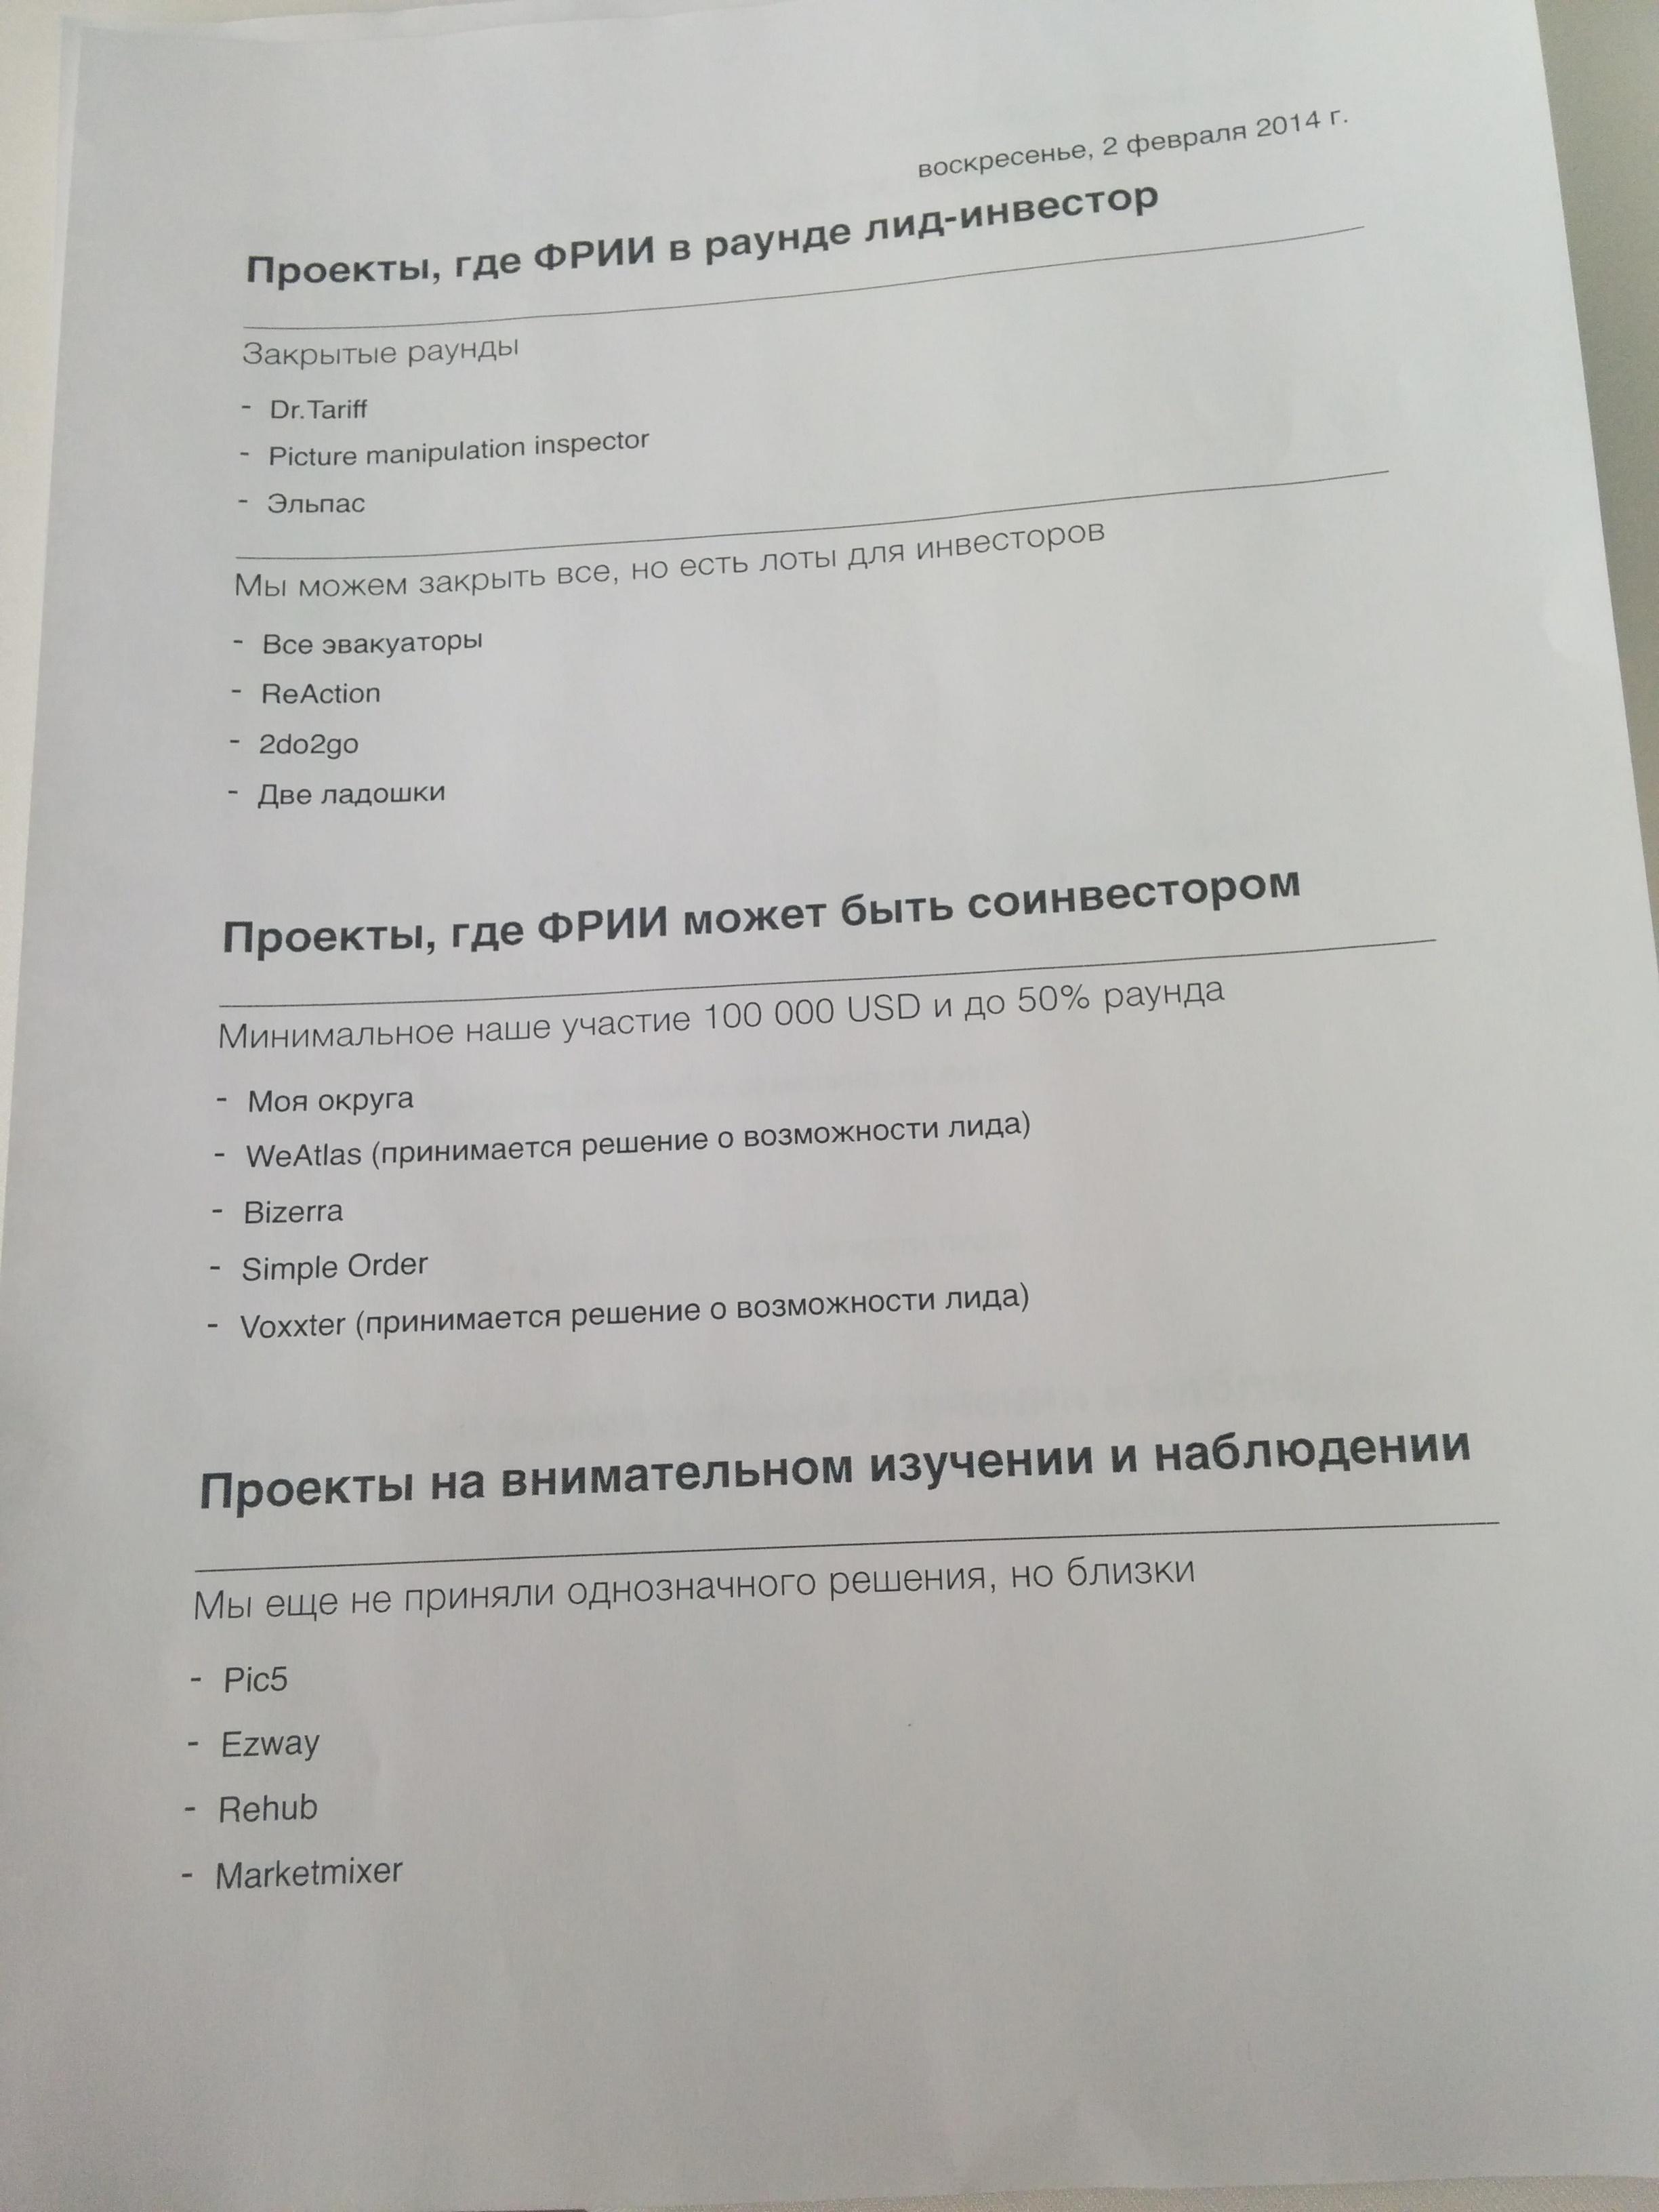 Президентский ФРИИ отчитался о первом наборе в акселератор